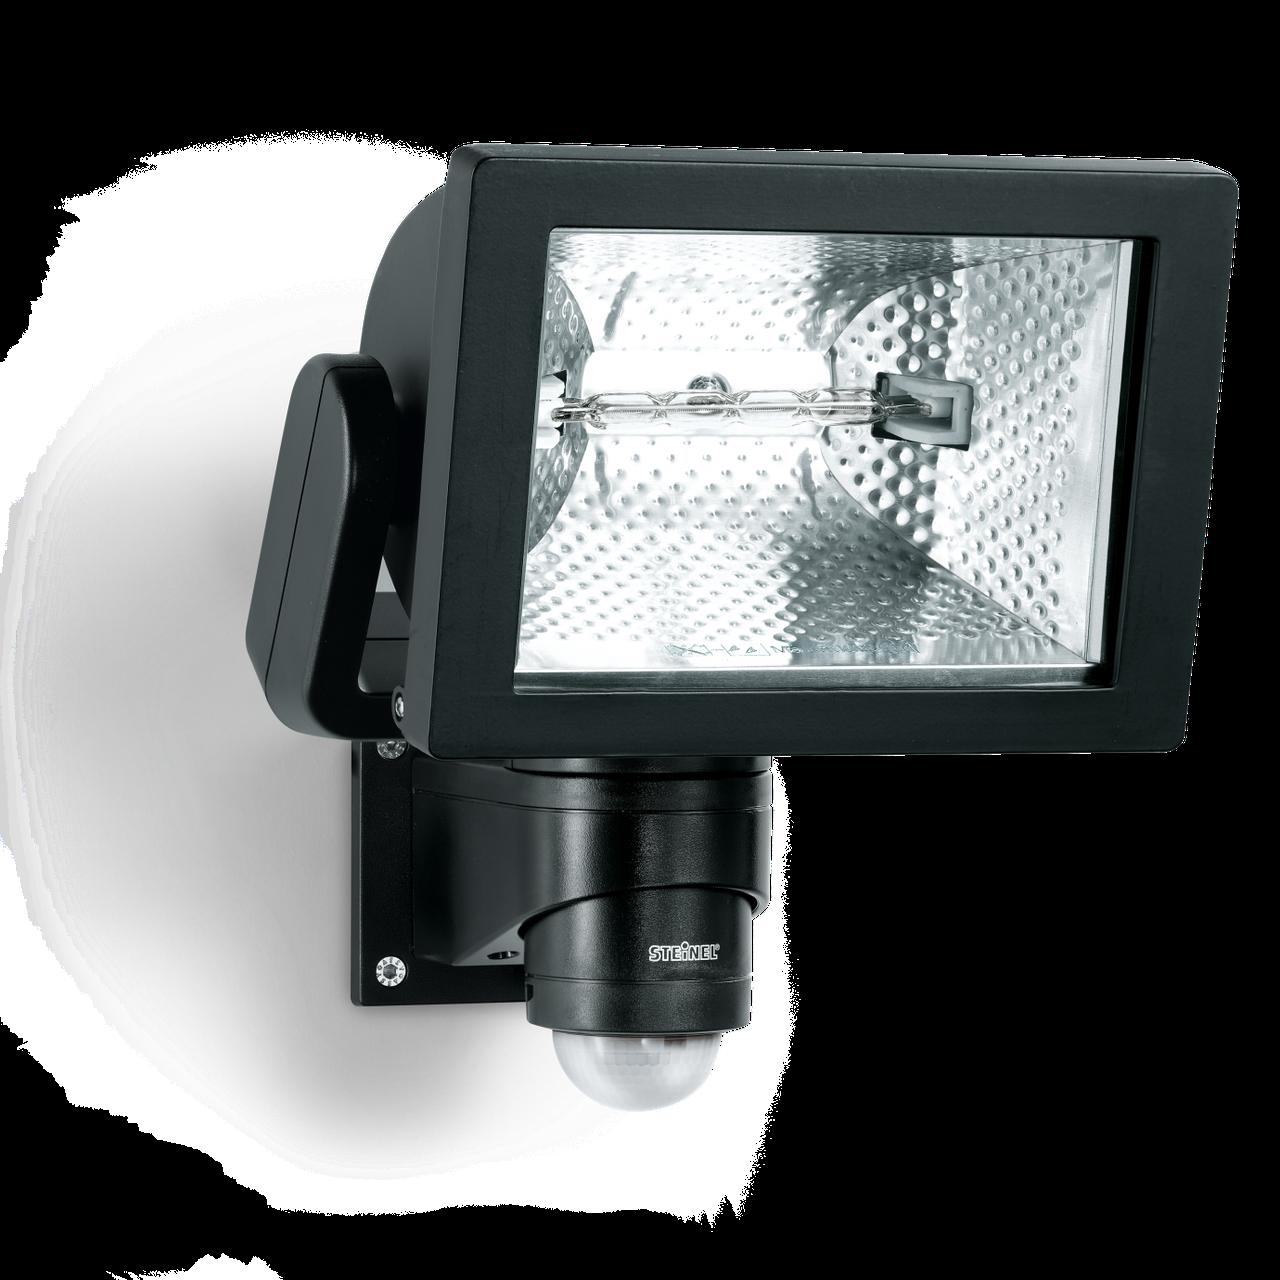 Галогенный прожектор с датчиком движения Steinel - HS 500 DUO